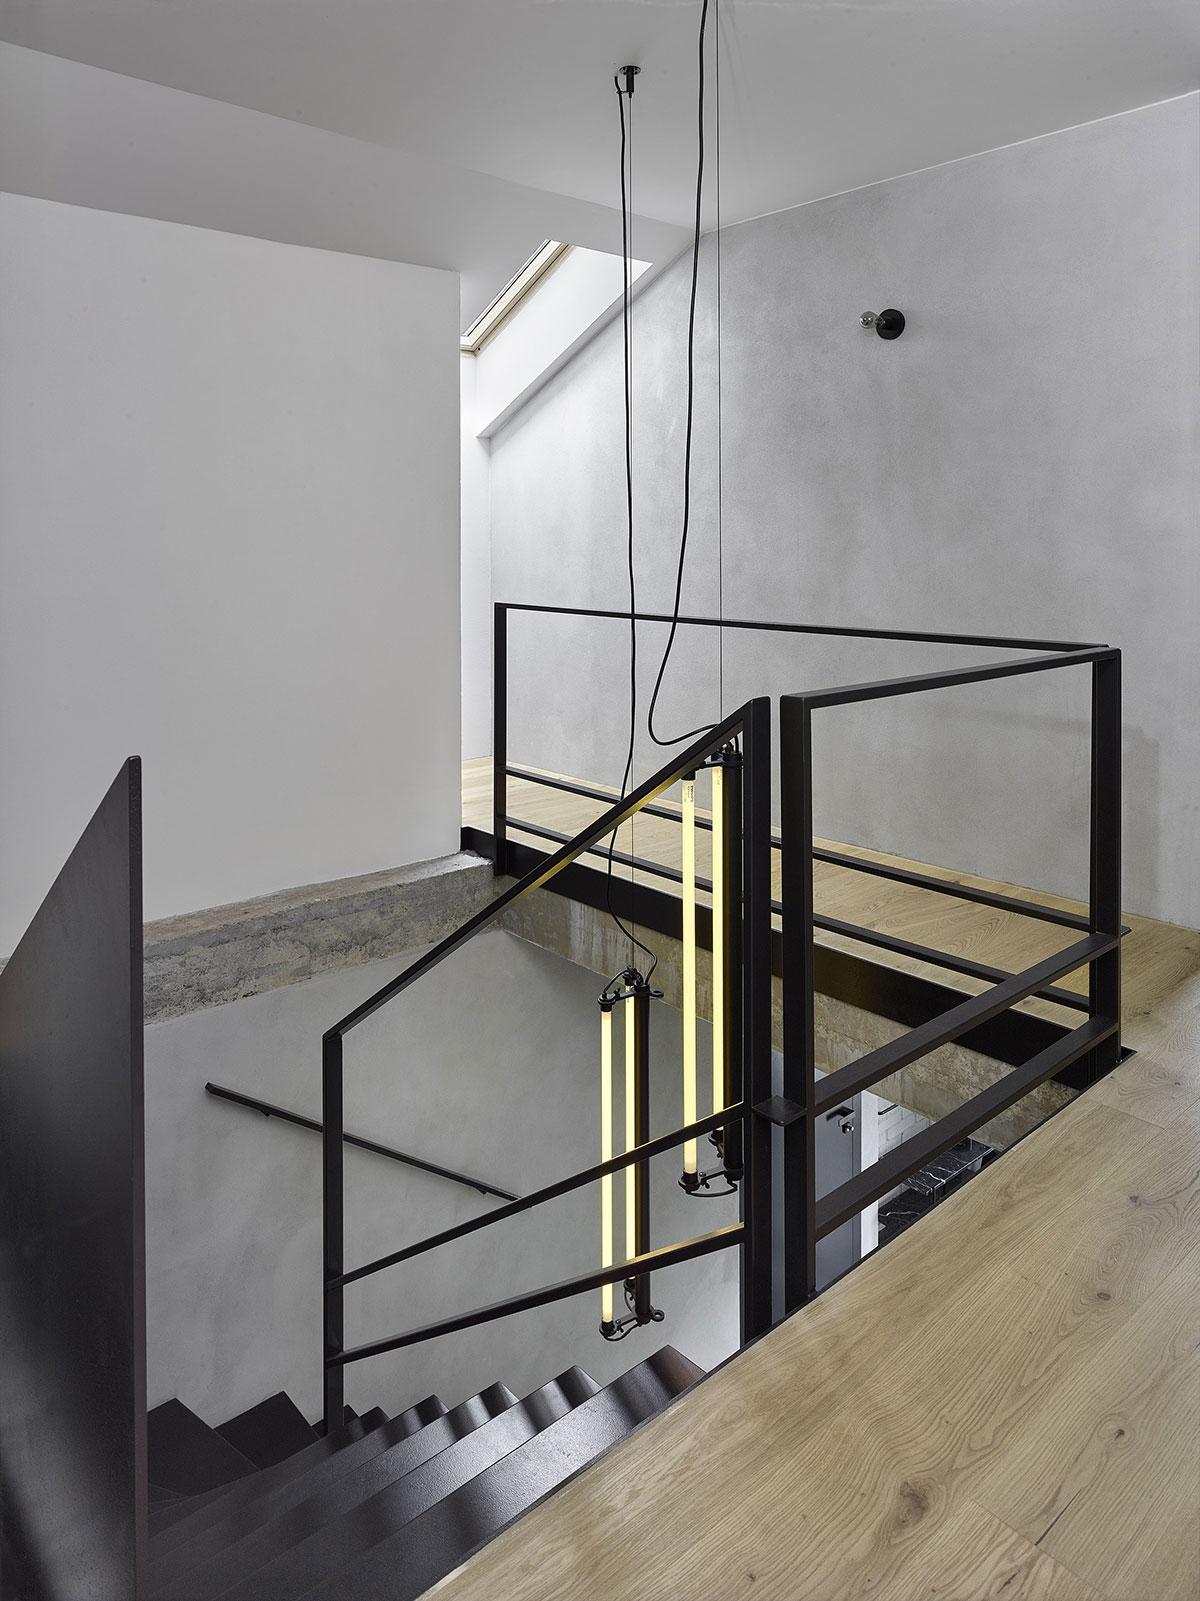 Z 12 mm oceľových plátov rezaných laserom je aj hlavné zavesené schodisko ktoré nahradilo pôvodné murované.